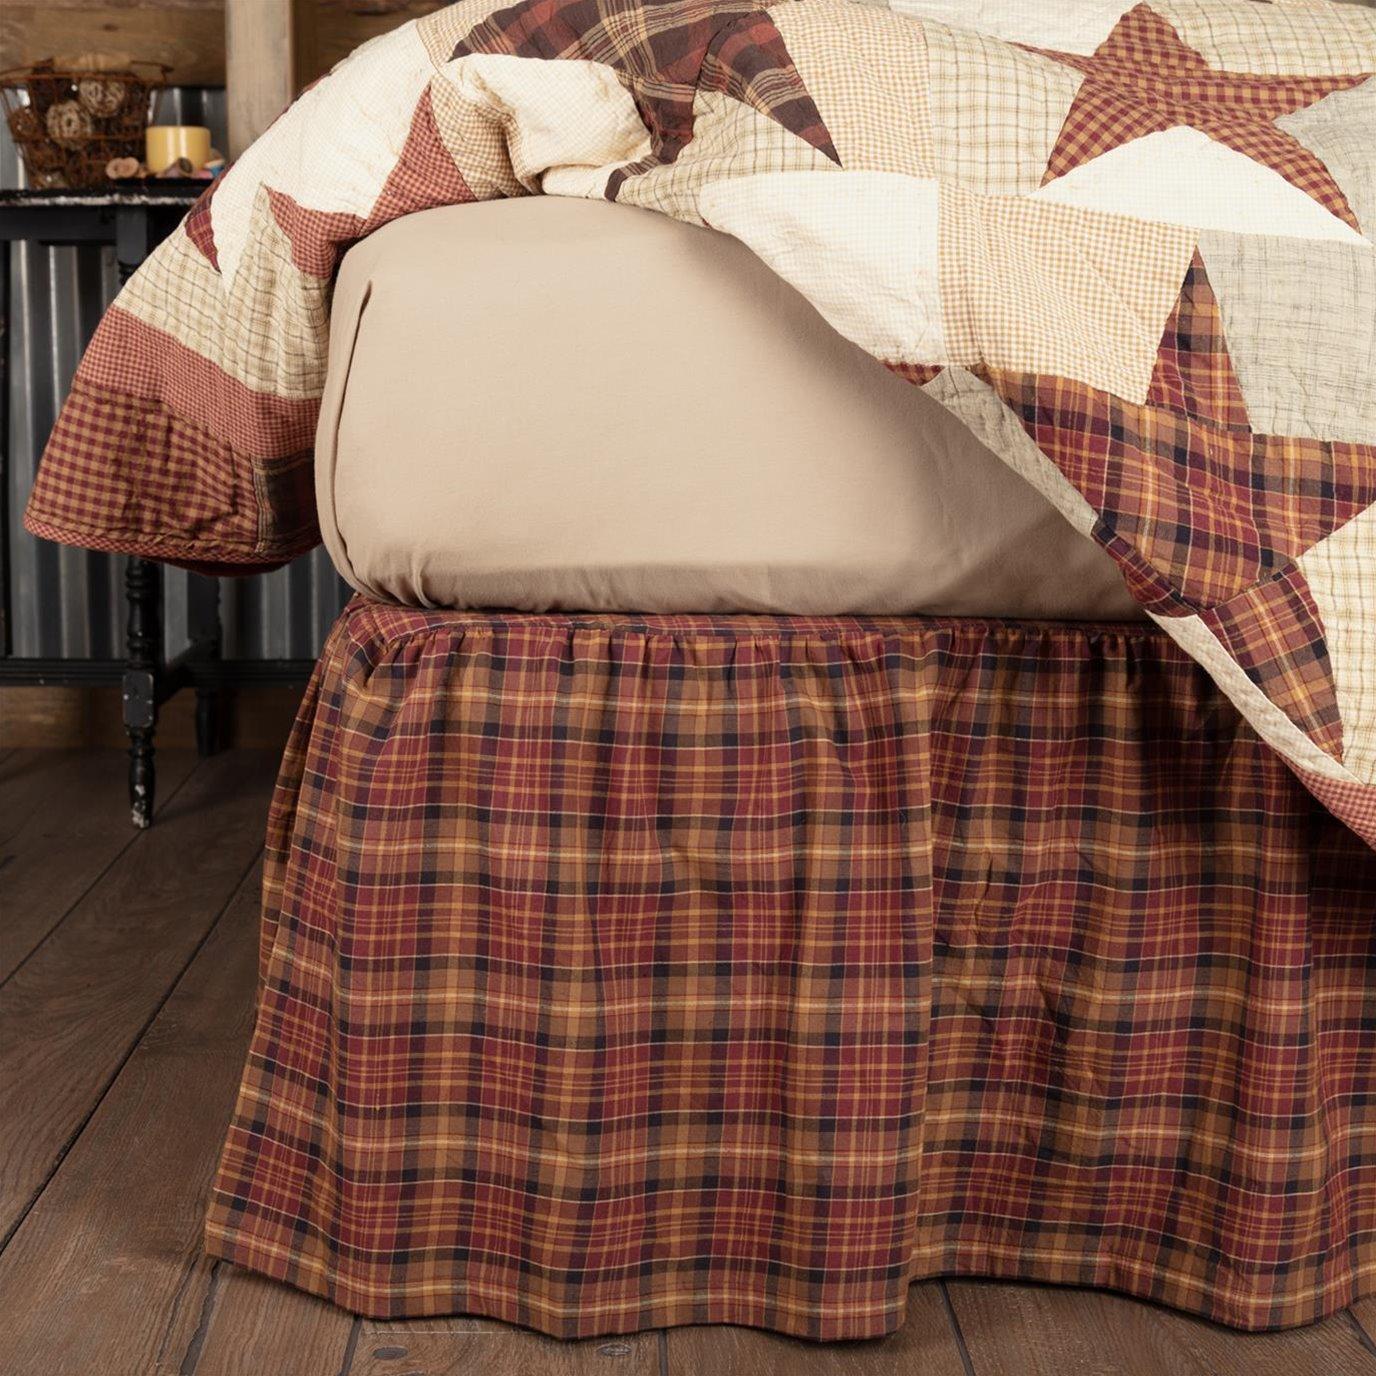 Abilene Star King Bed Skirt 78x80x16